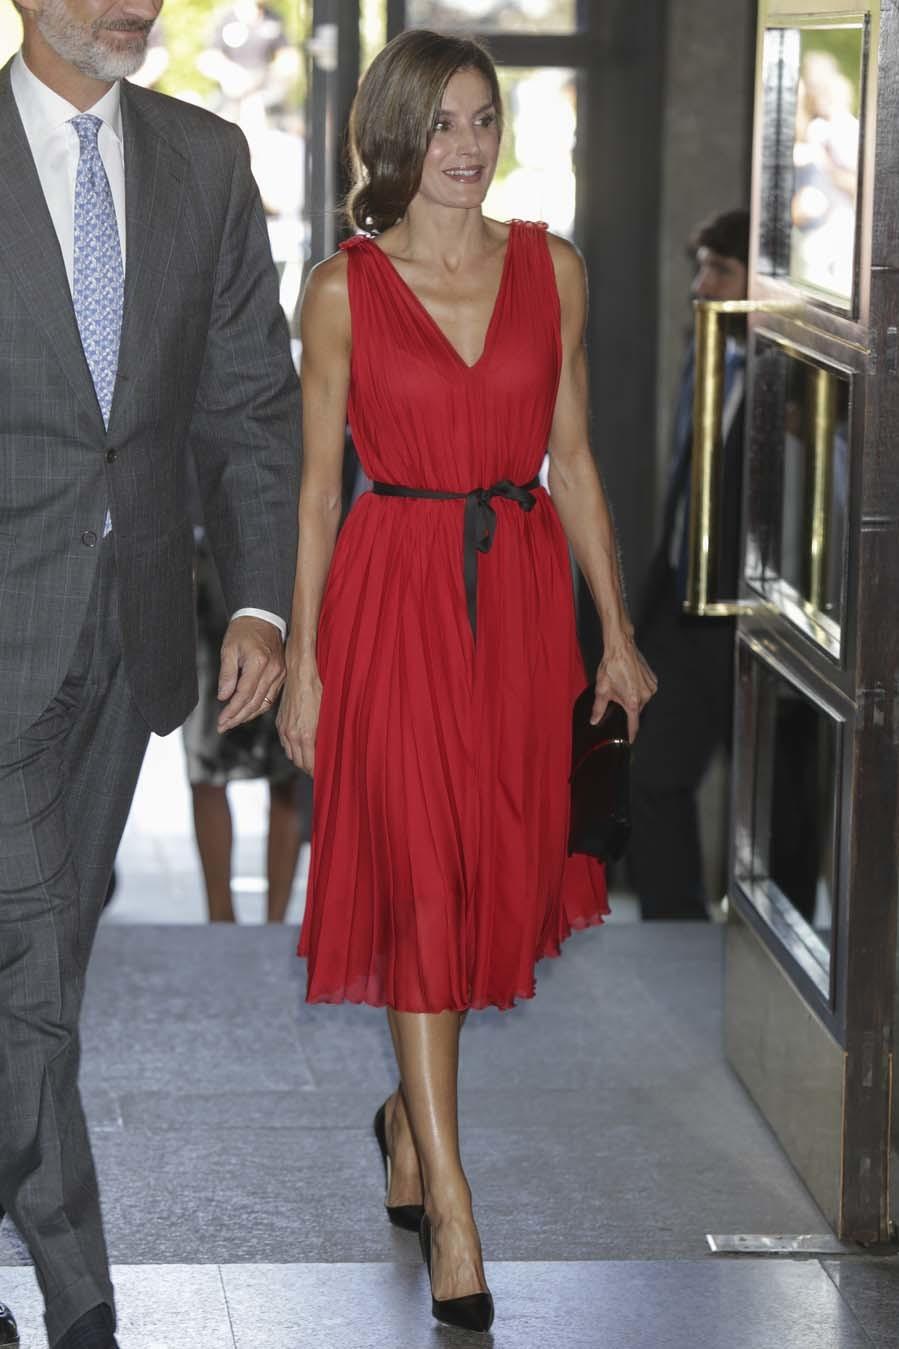 La Reina ha asistido a un concierto en el Teatro Real con un vestido...